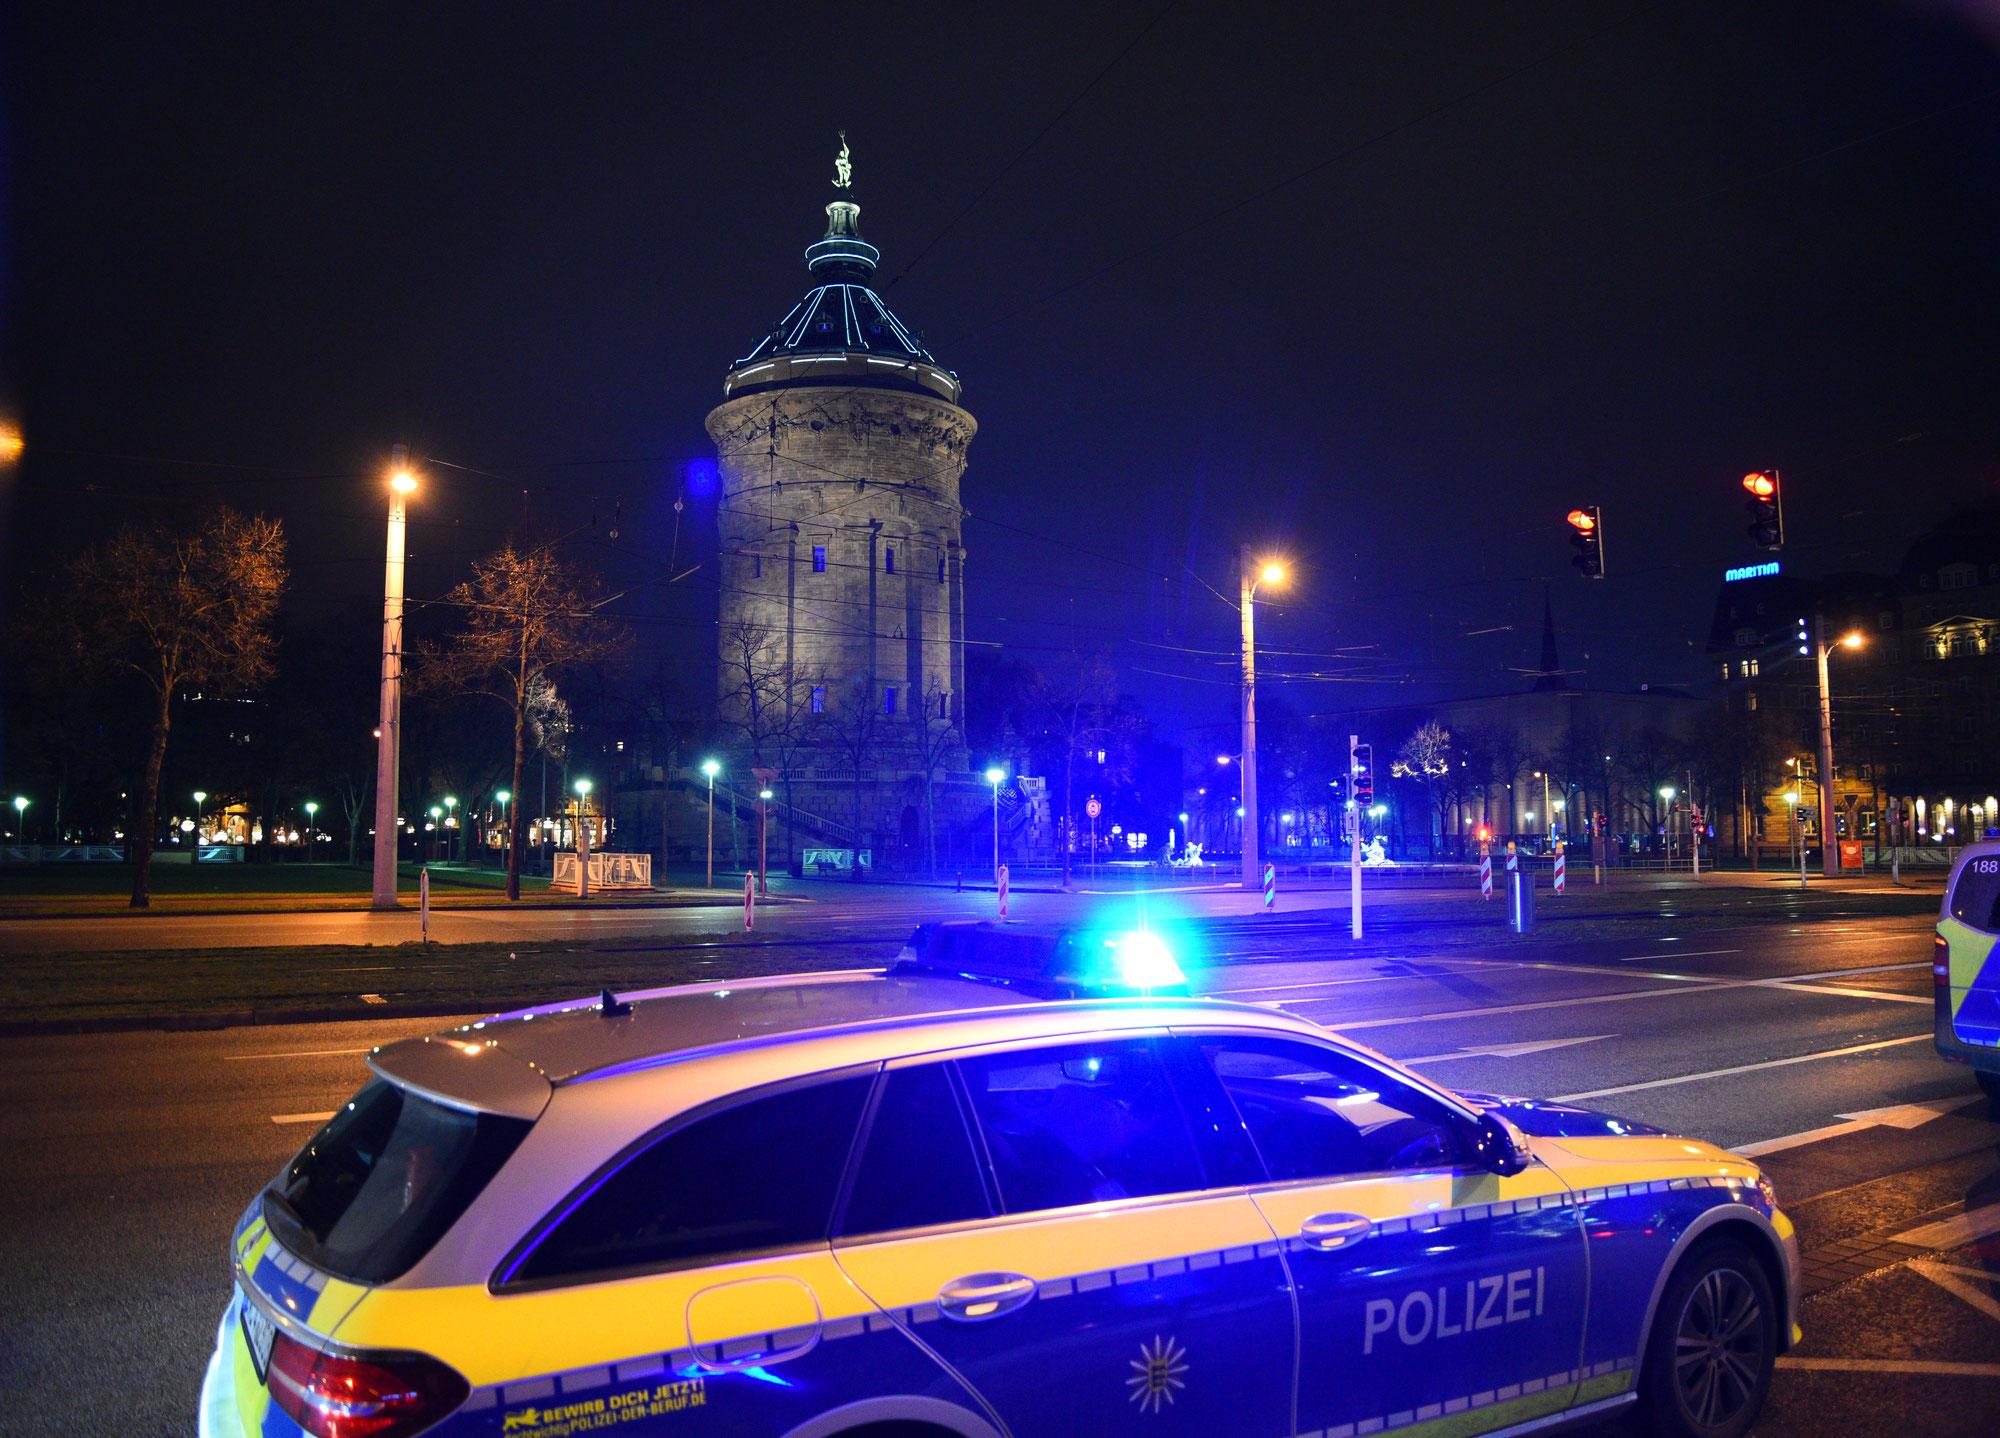 Mannheim-Neckarau: Drei Fahrzeuge liefern sich verbotenes Kraftfahrzeugrennen - weitere Teilnehmer ermittelt - Fahrzeuge und Führerscheine beschlagnahmt